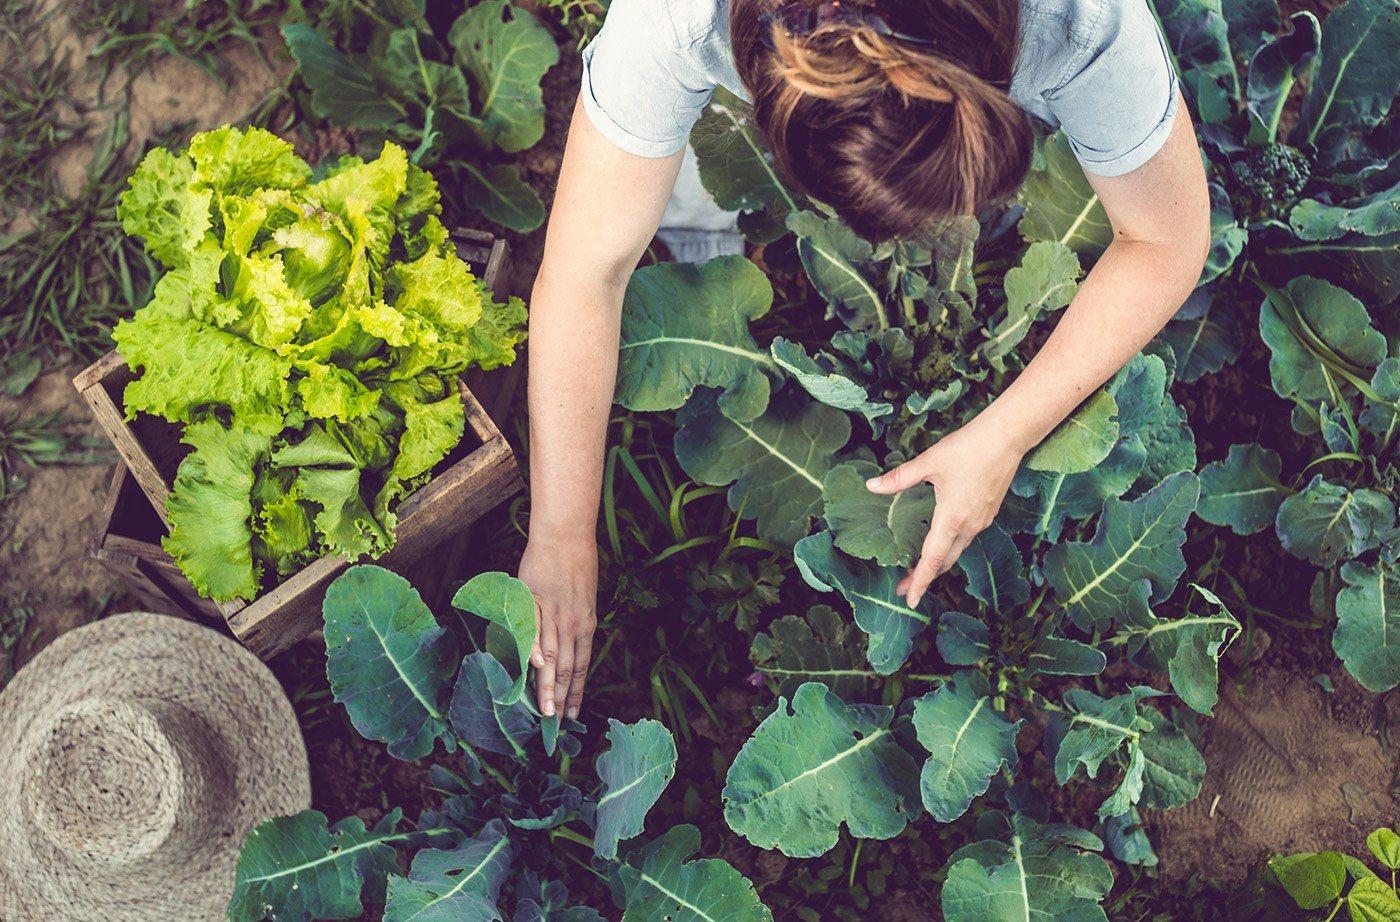 Agricultrice dans un champs de choux